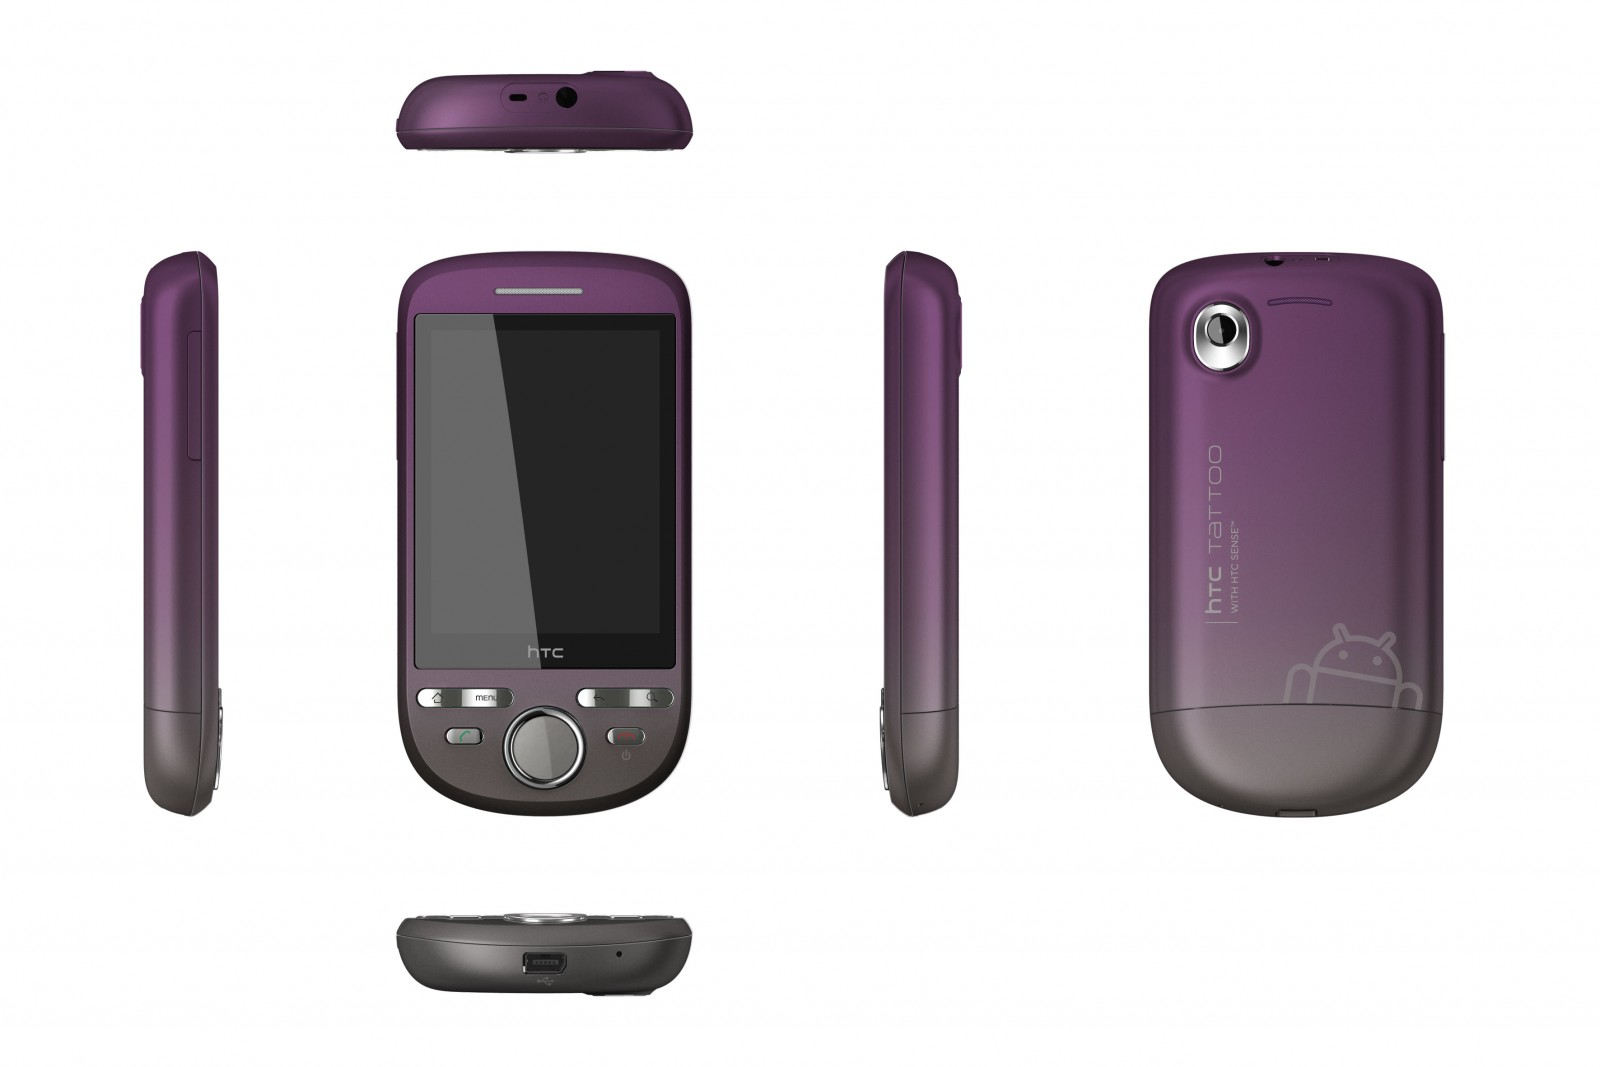 HTC Tattoo - Einsteiger-Smartphone mit Android und Sense - HTC Tattoo